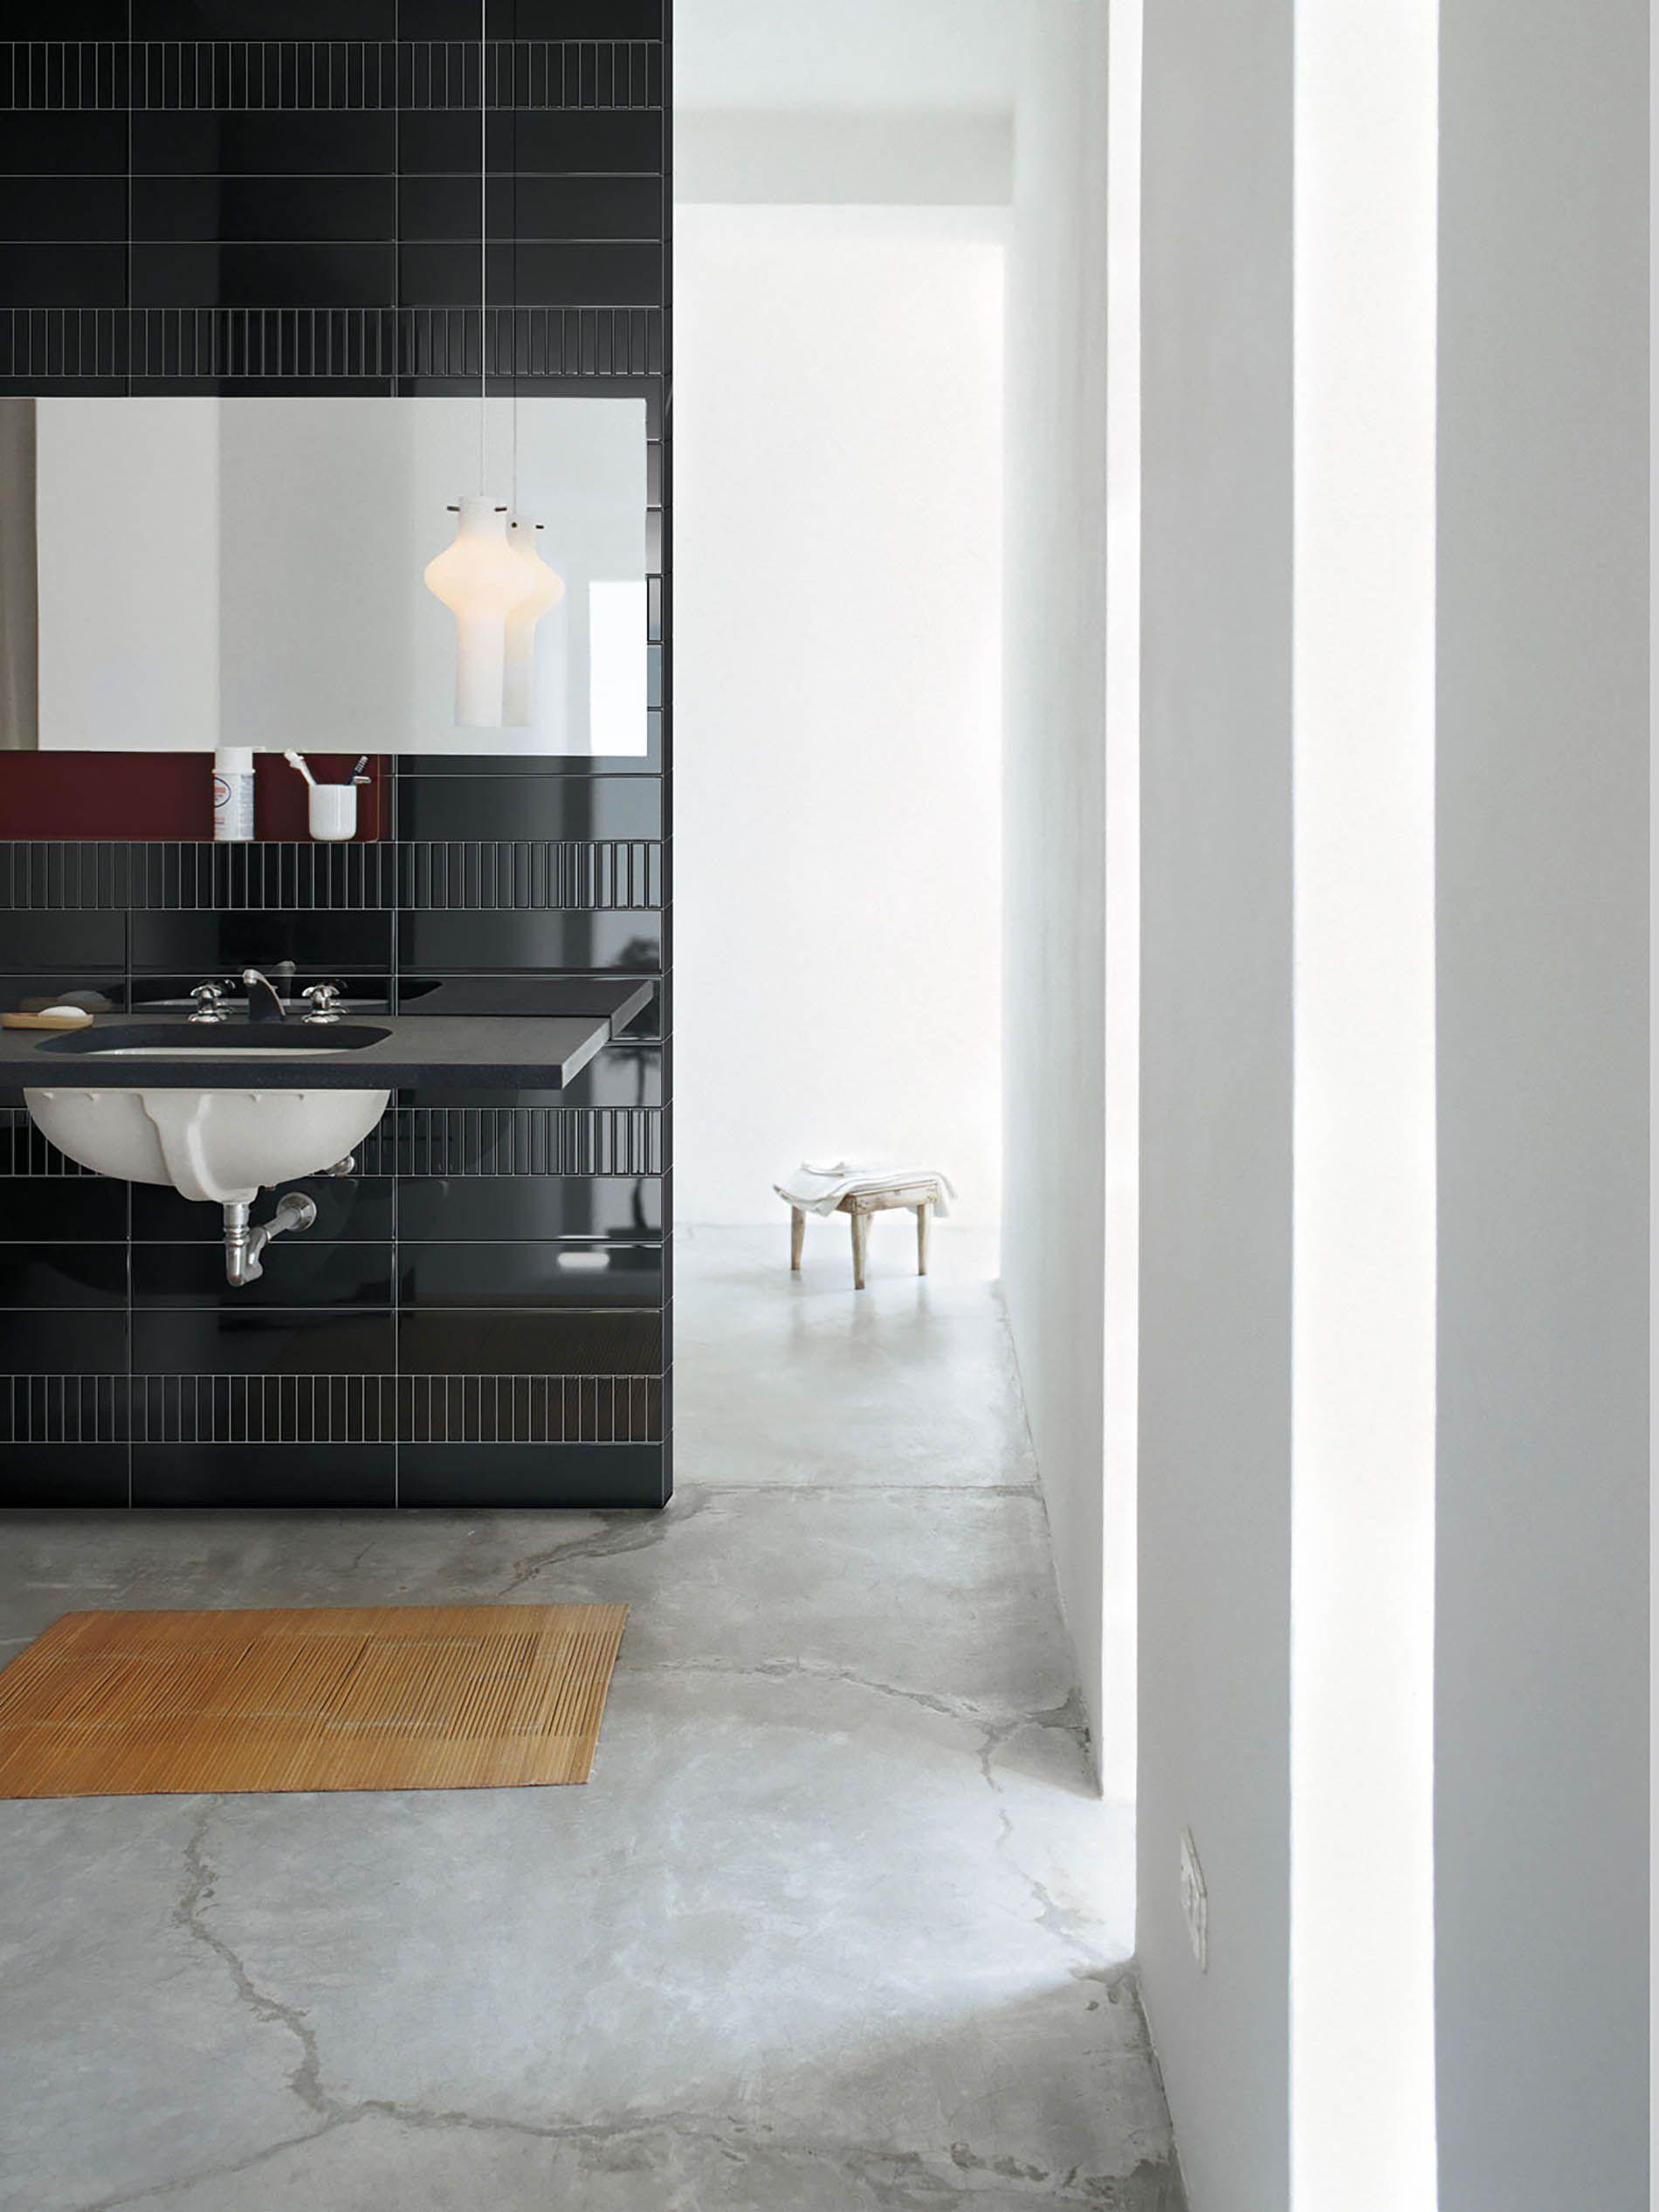 Colori piastrelle bagno best idee bagni moderni da sogno colori idee piastrelle bagno in - Colori piastrelle bagno ...